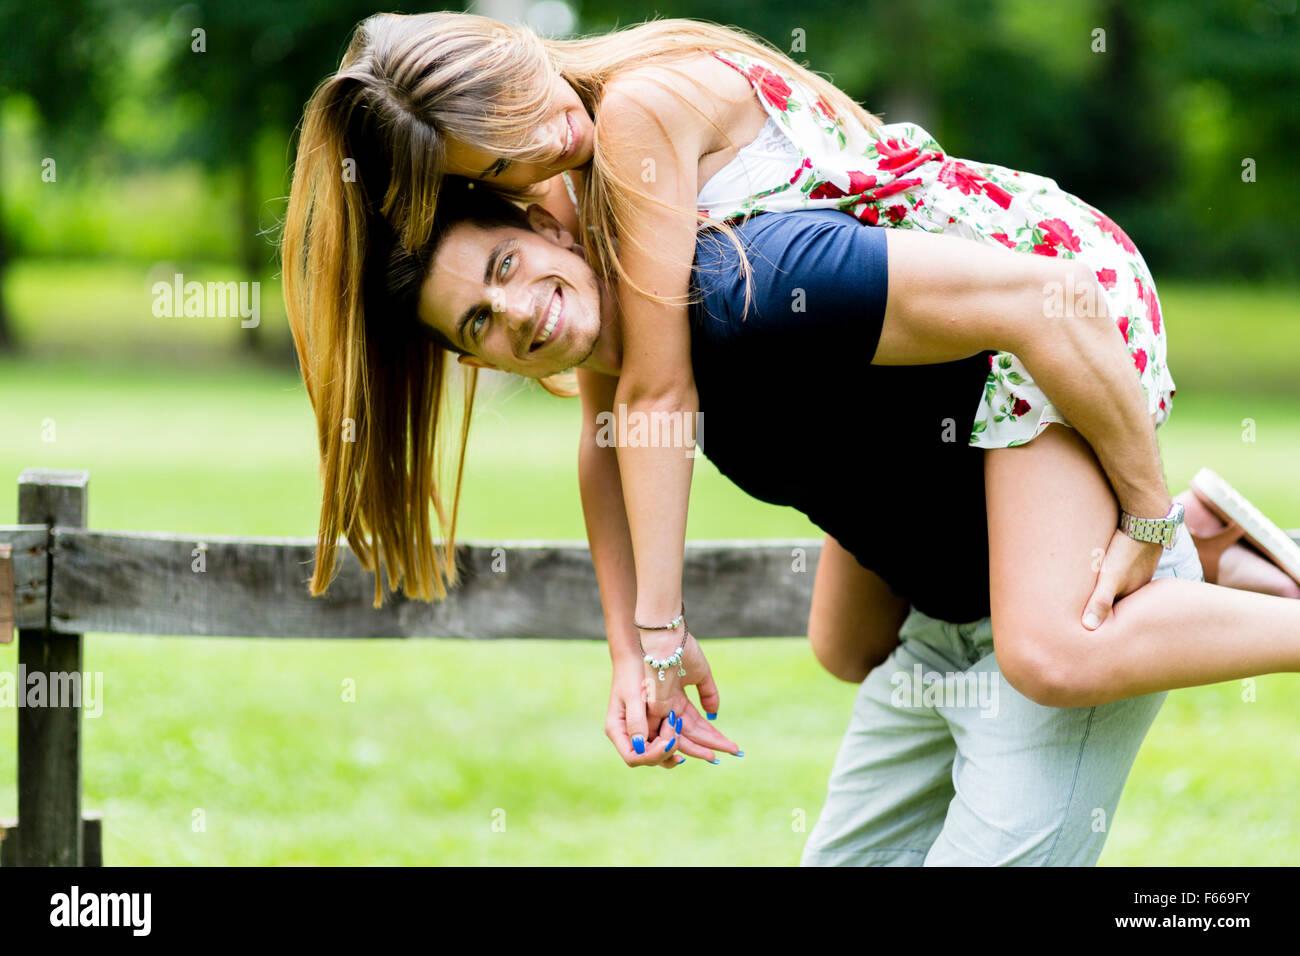 Coppia felice in amore divertimento all'aperto e sorridente Immagini Stock